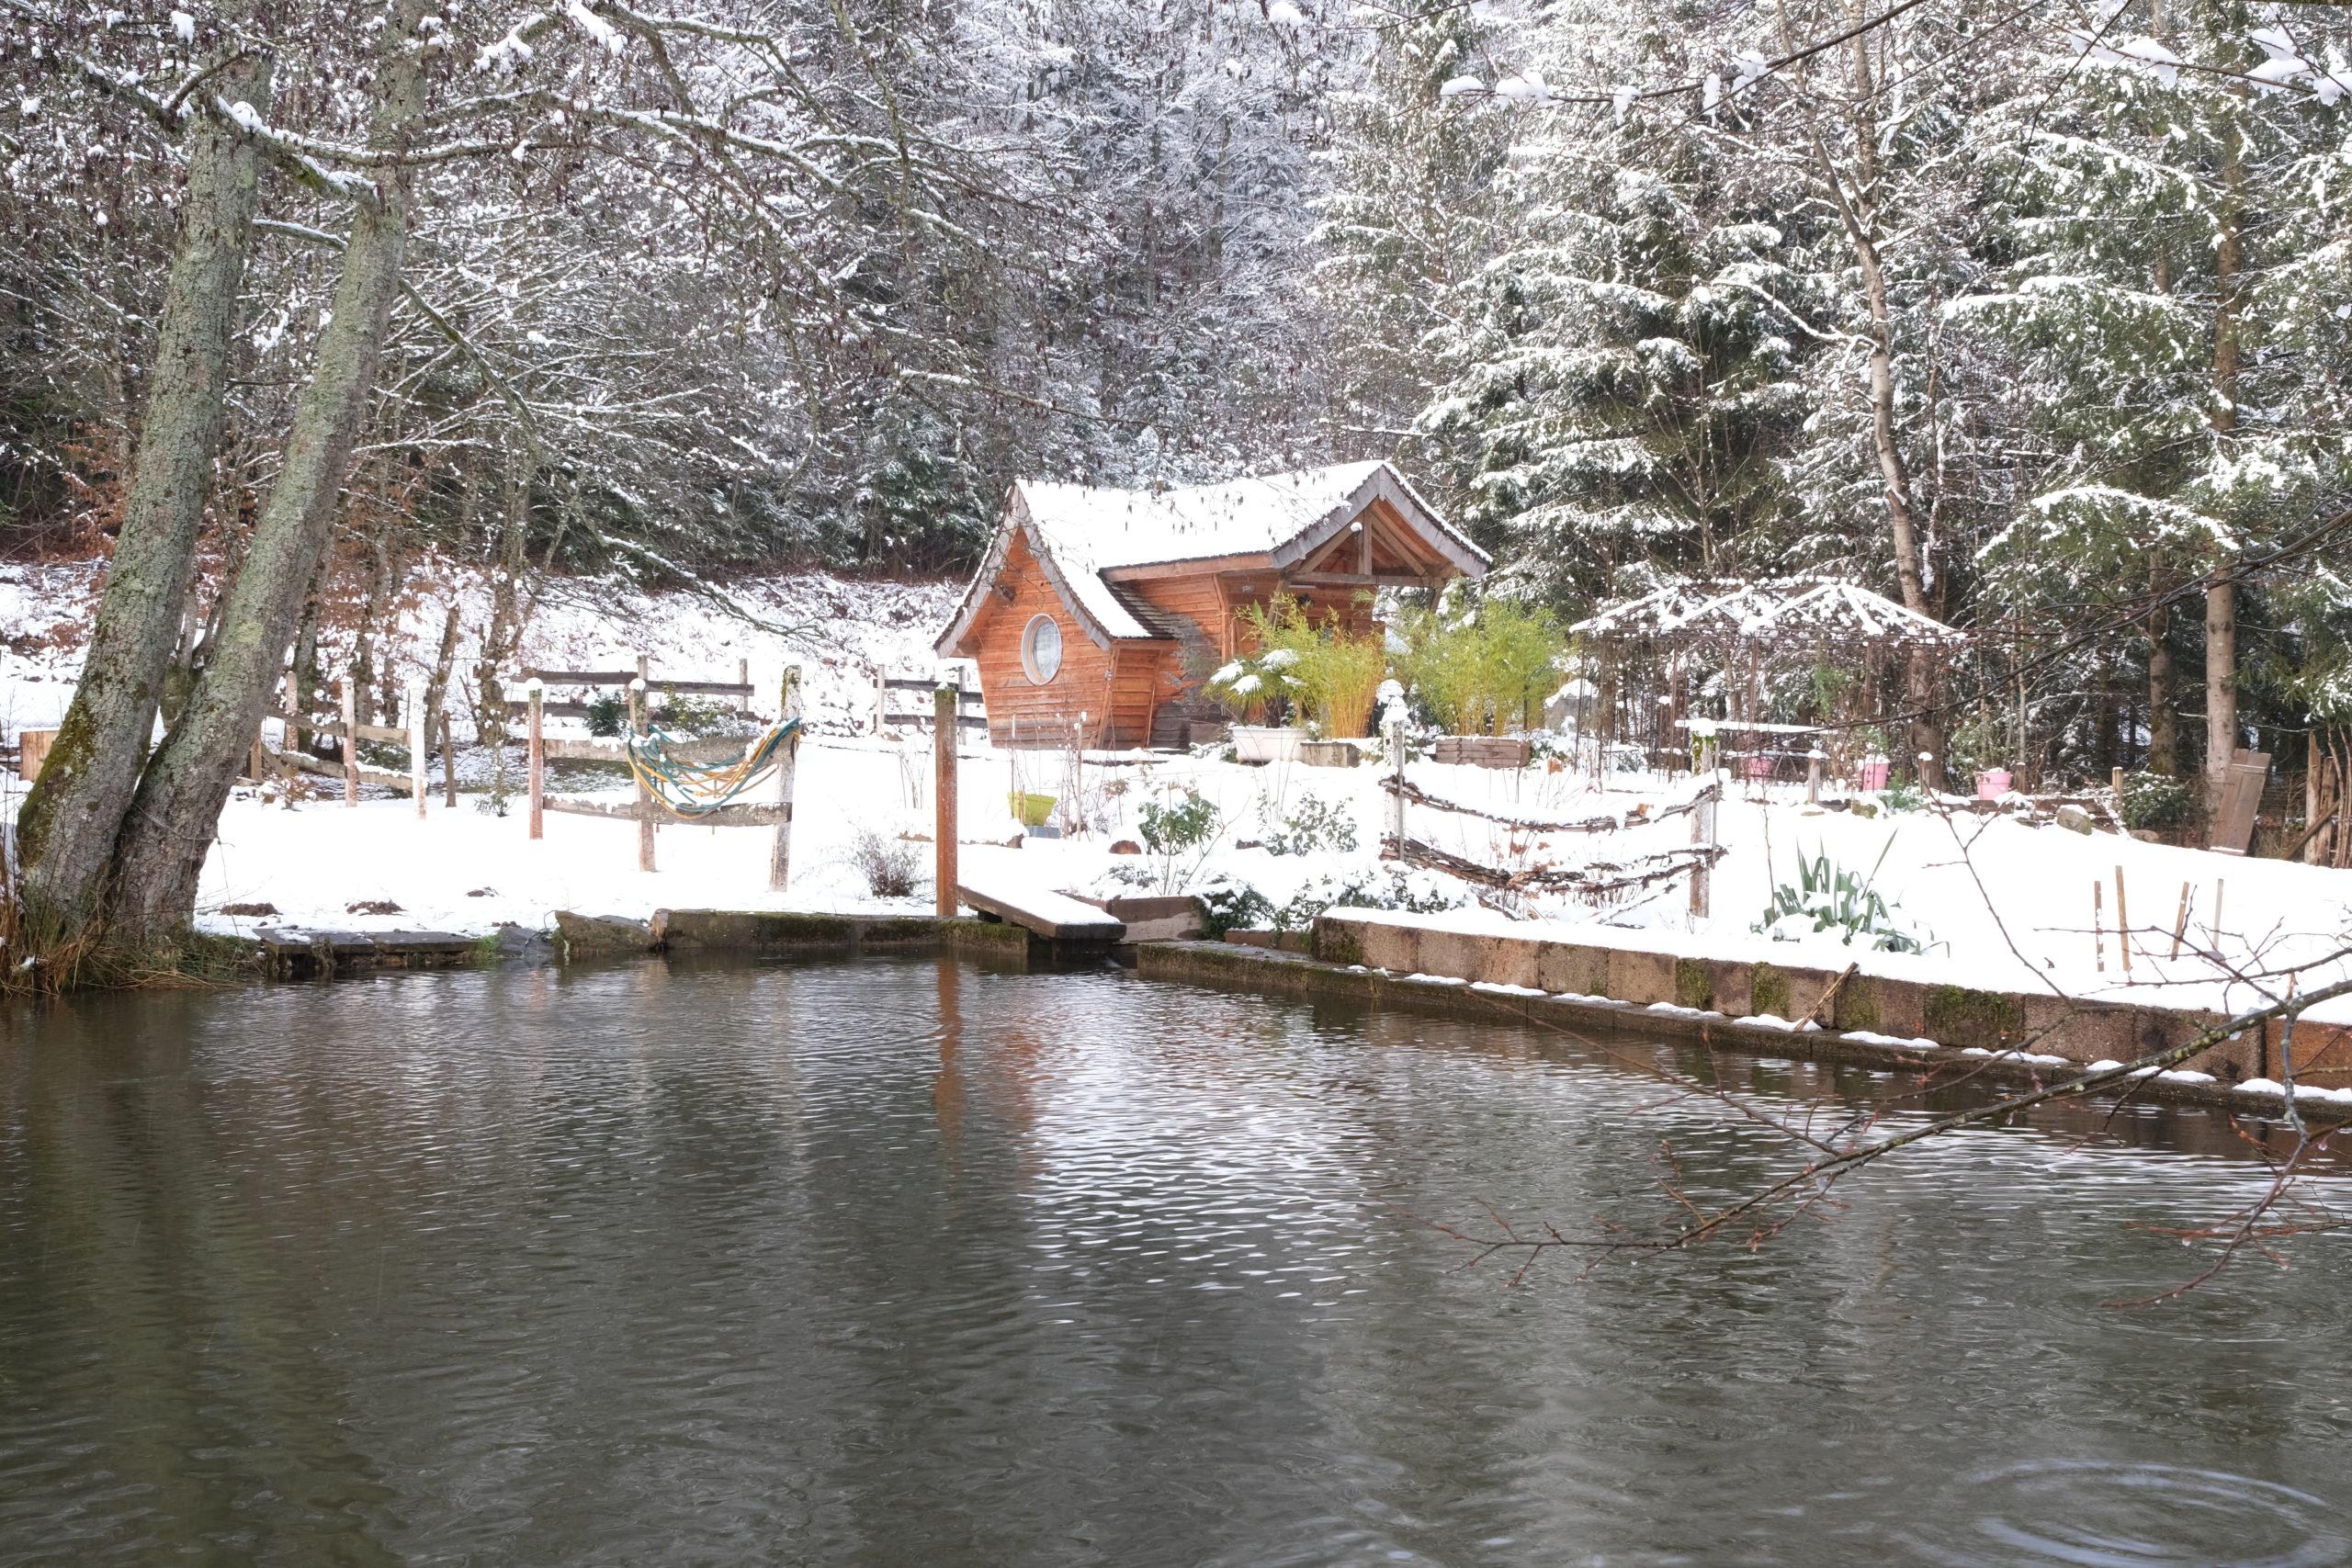 Etang et chalet sous la neige